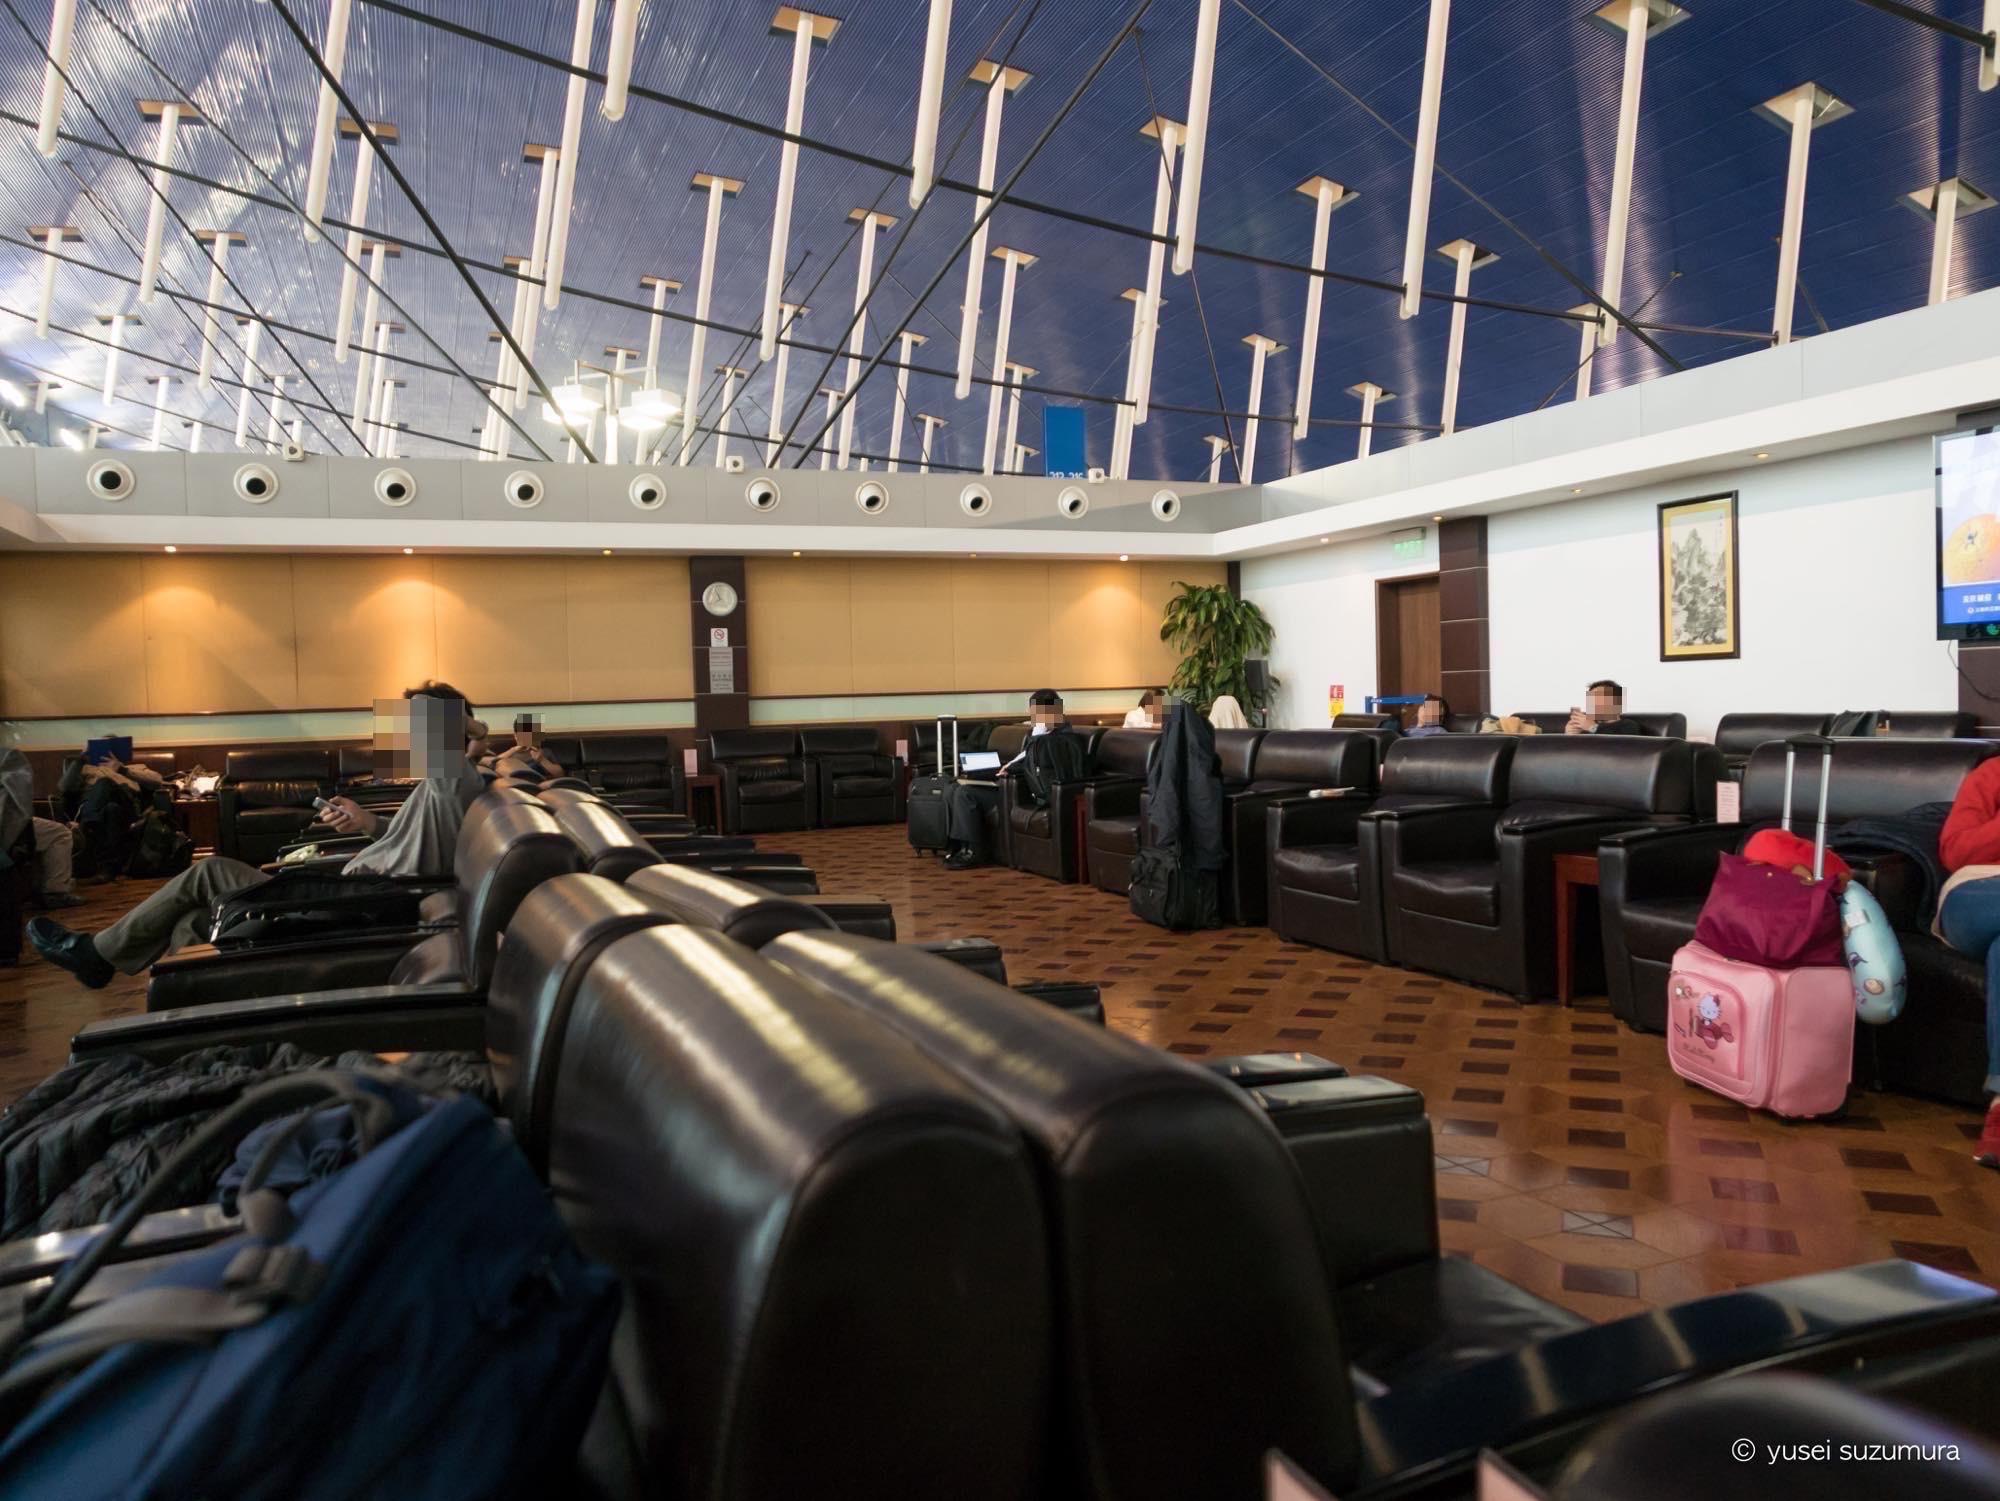 上海浦東空港第1ターミナル ラウンジ